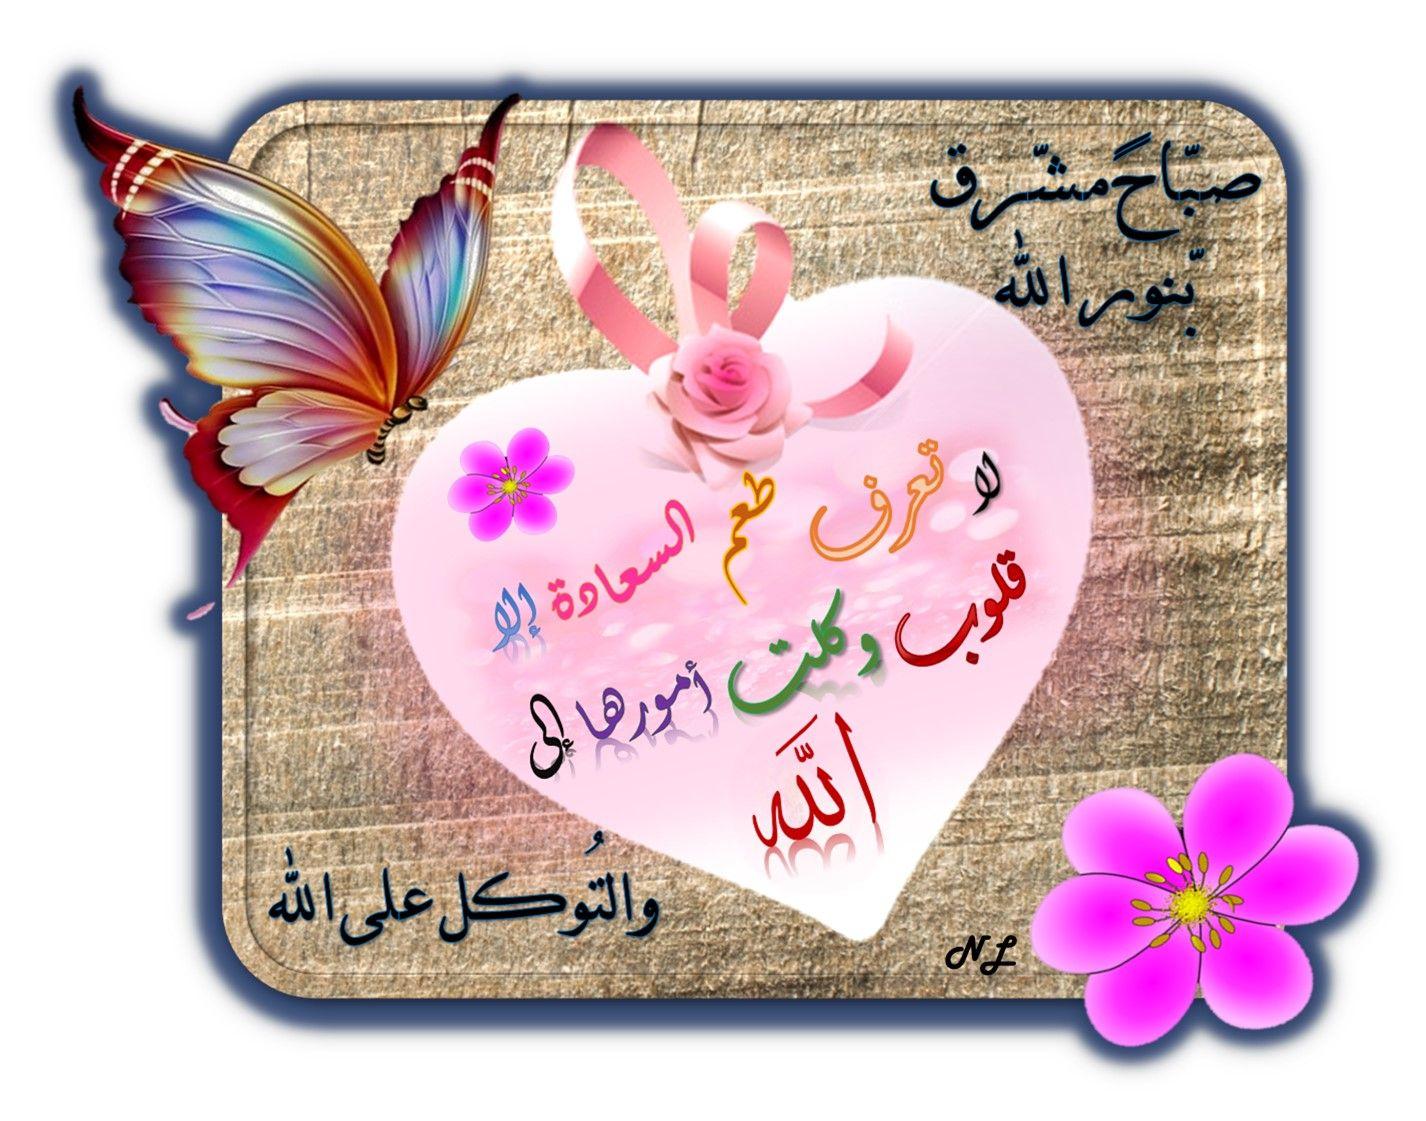 صباح السعادة صباح الخير التوكل على الله Coin Purse Purses Feelings